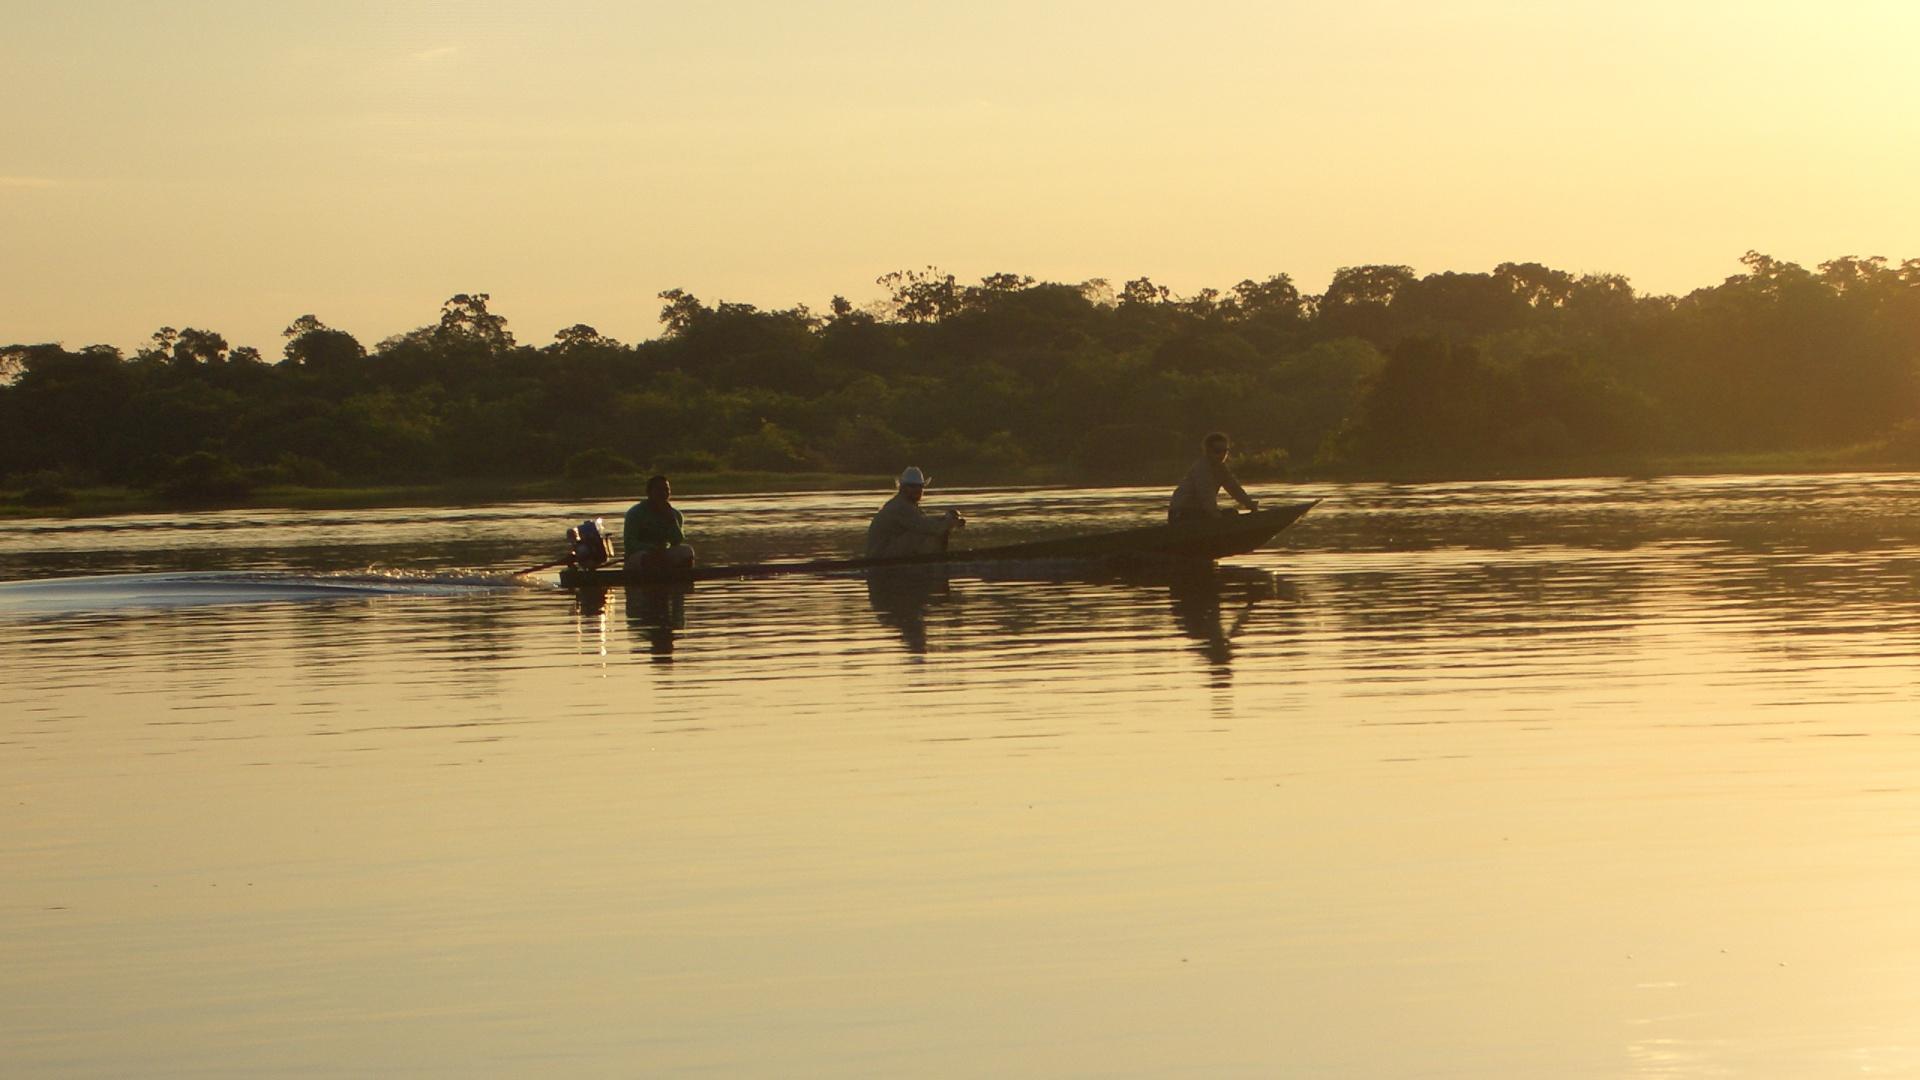 Reisebaustein - Schiffsexpedition Pink Dolphin in Kleingruppe auf dem Amazonas in Brasilien